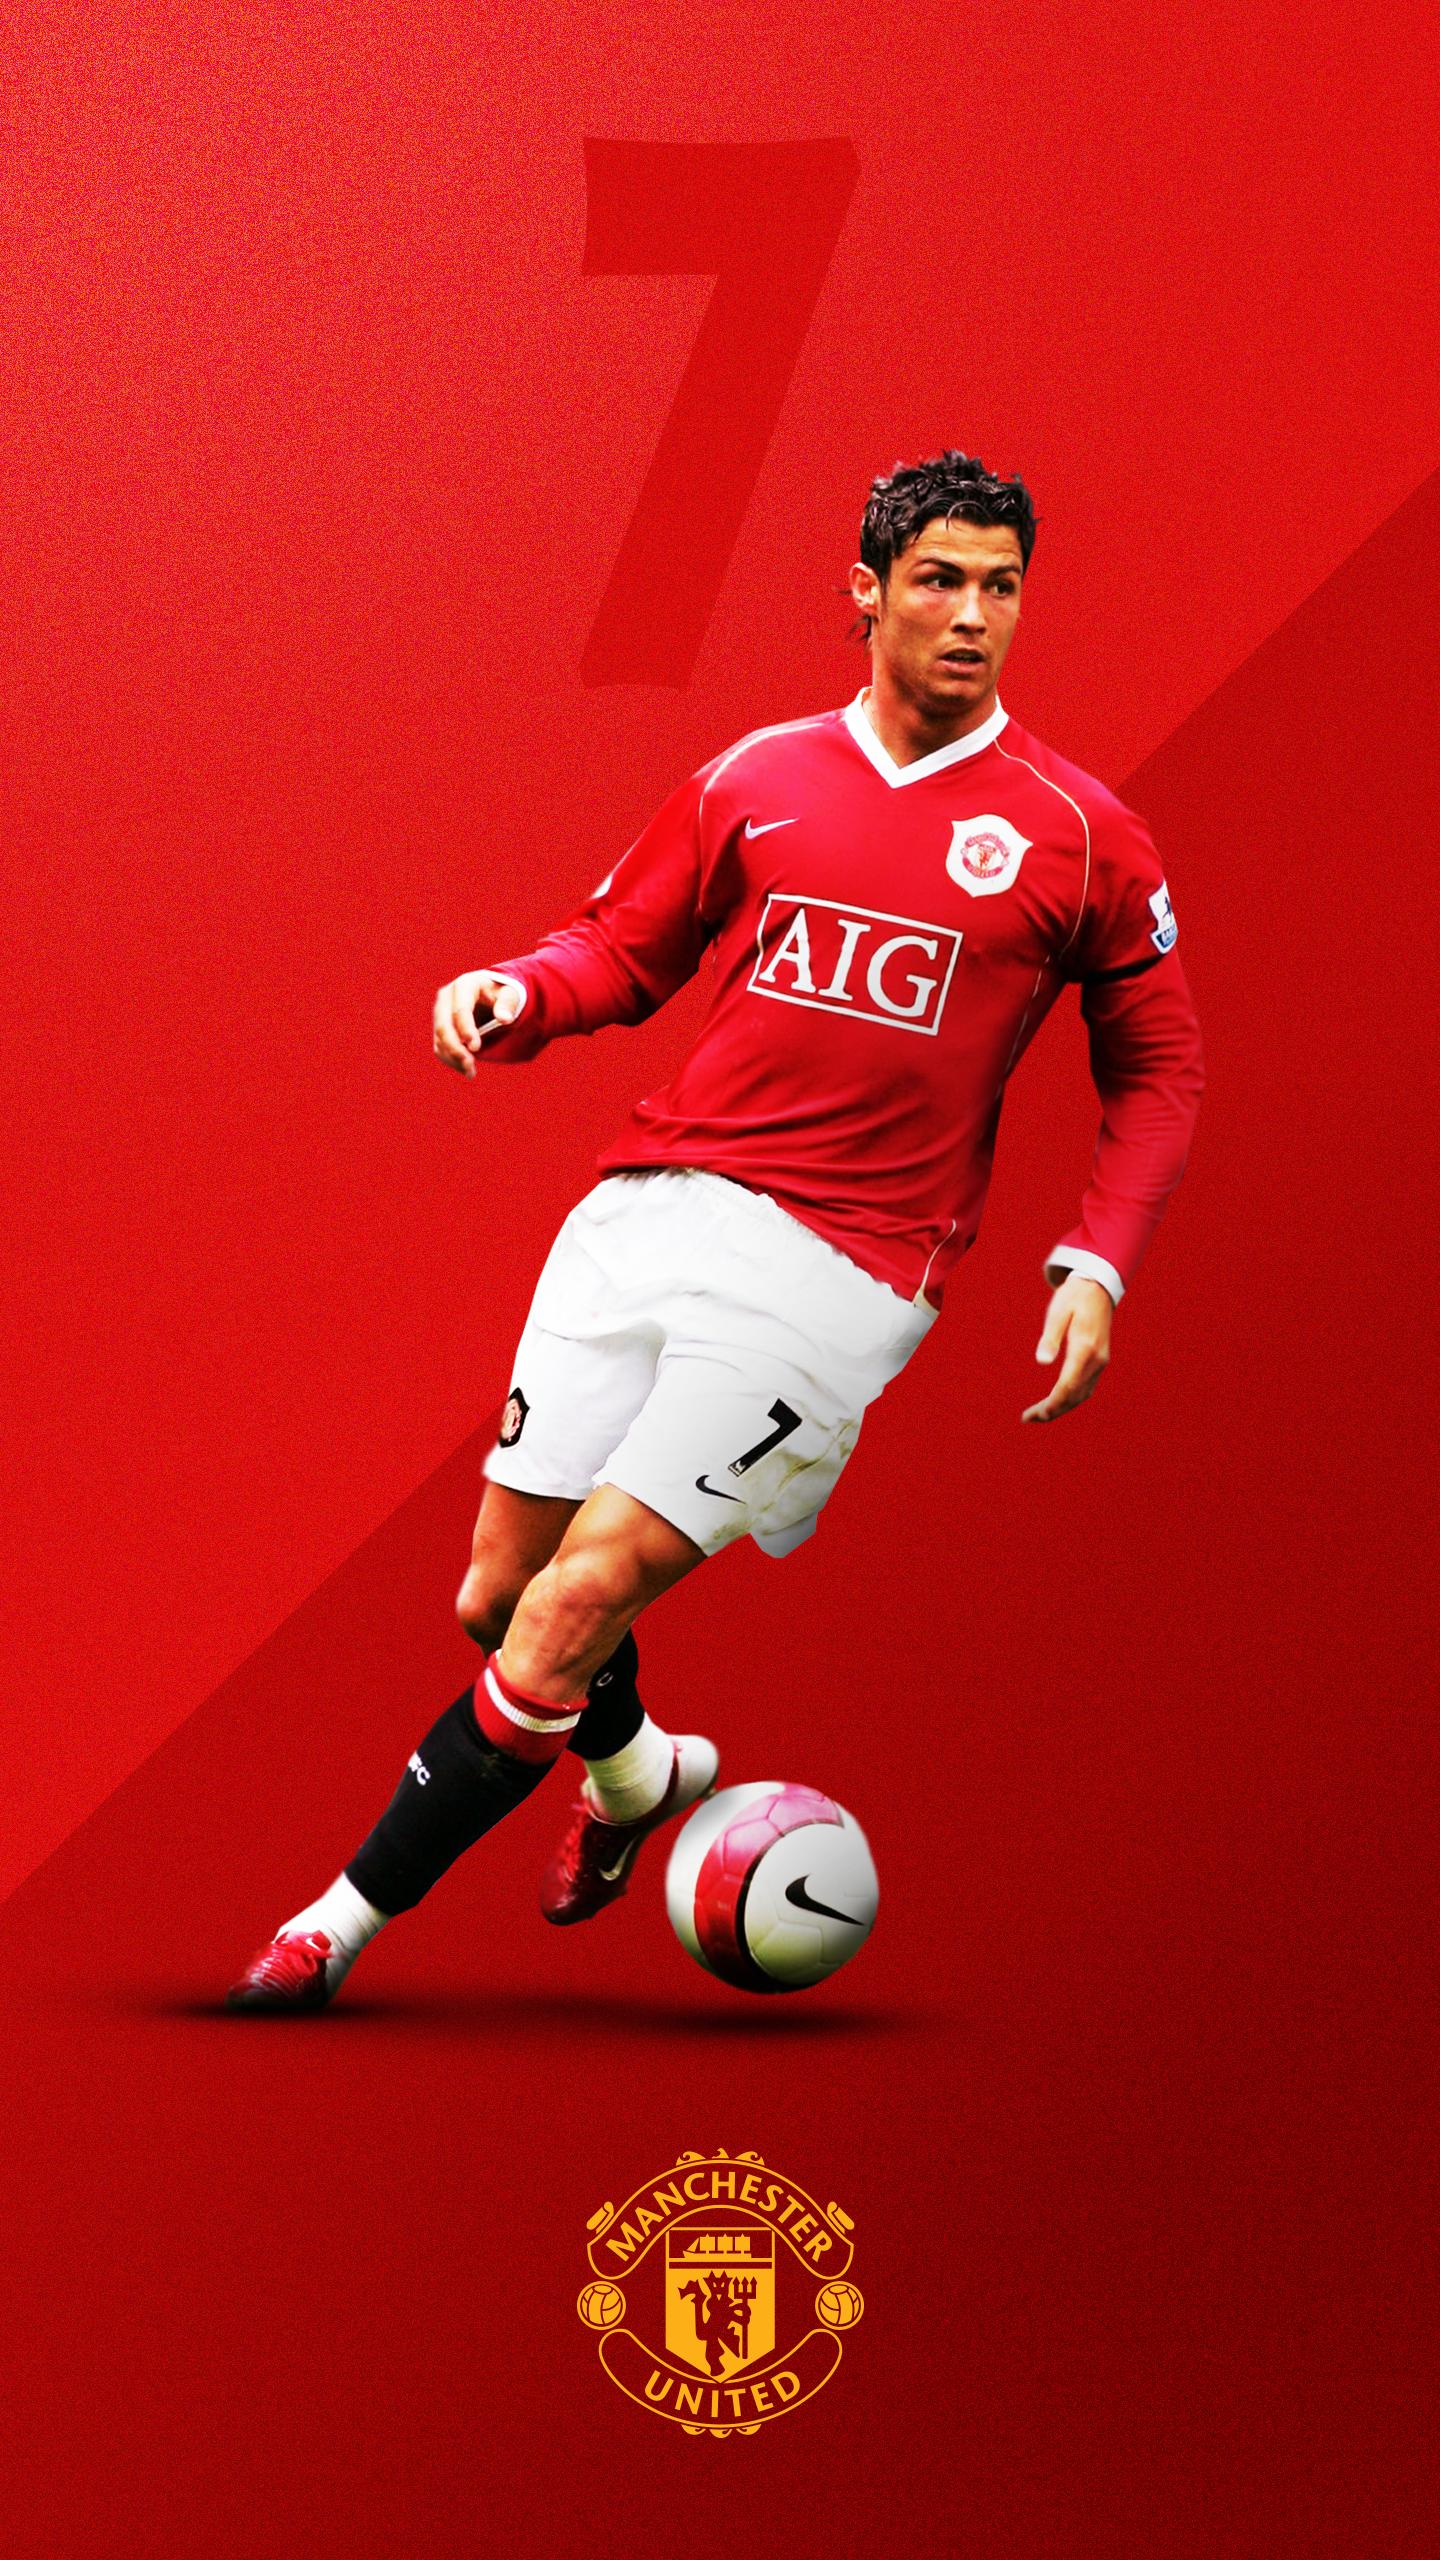 Sports Cristiano Ronaldo 1440x2560 Wallpaper Id 784683 Mobile